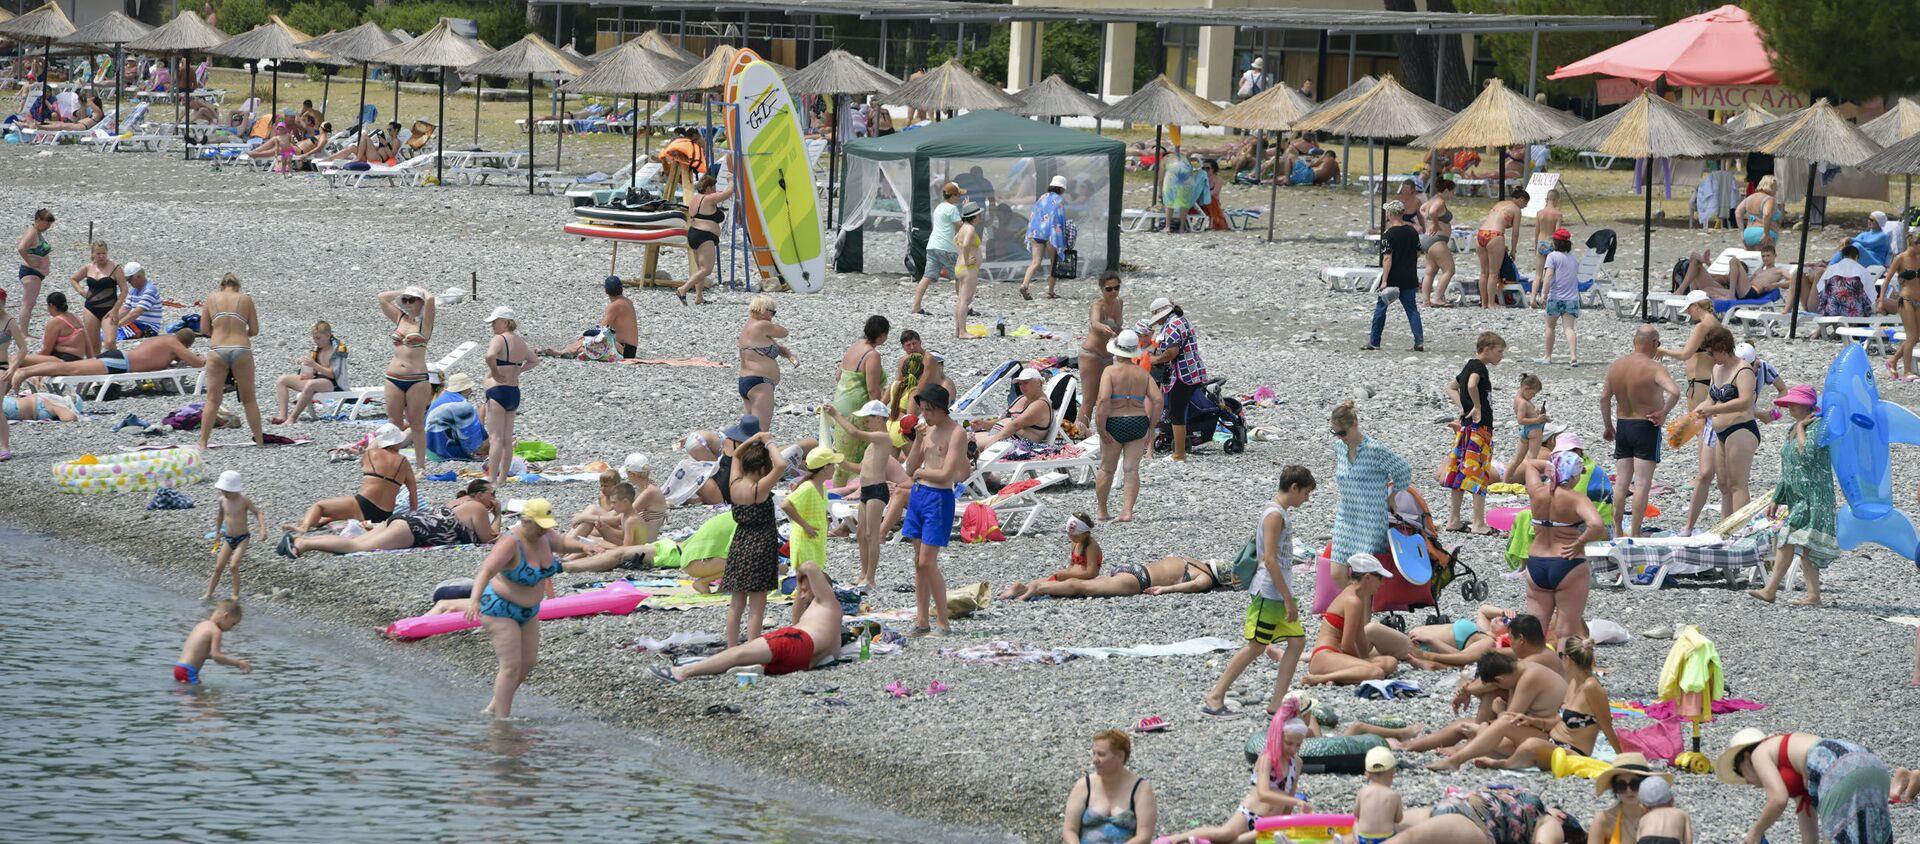 Курортный сезон. Отдыхающие на пляжах Абхазии.  - Sputnik Аҧсны, 1920, 30.06.2021